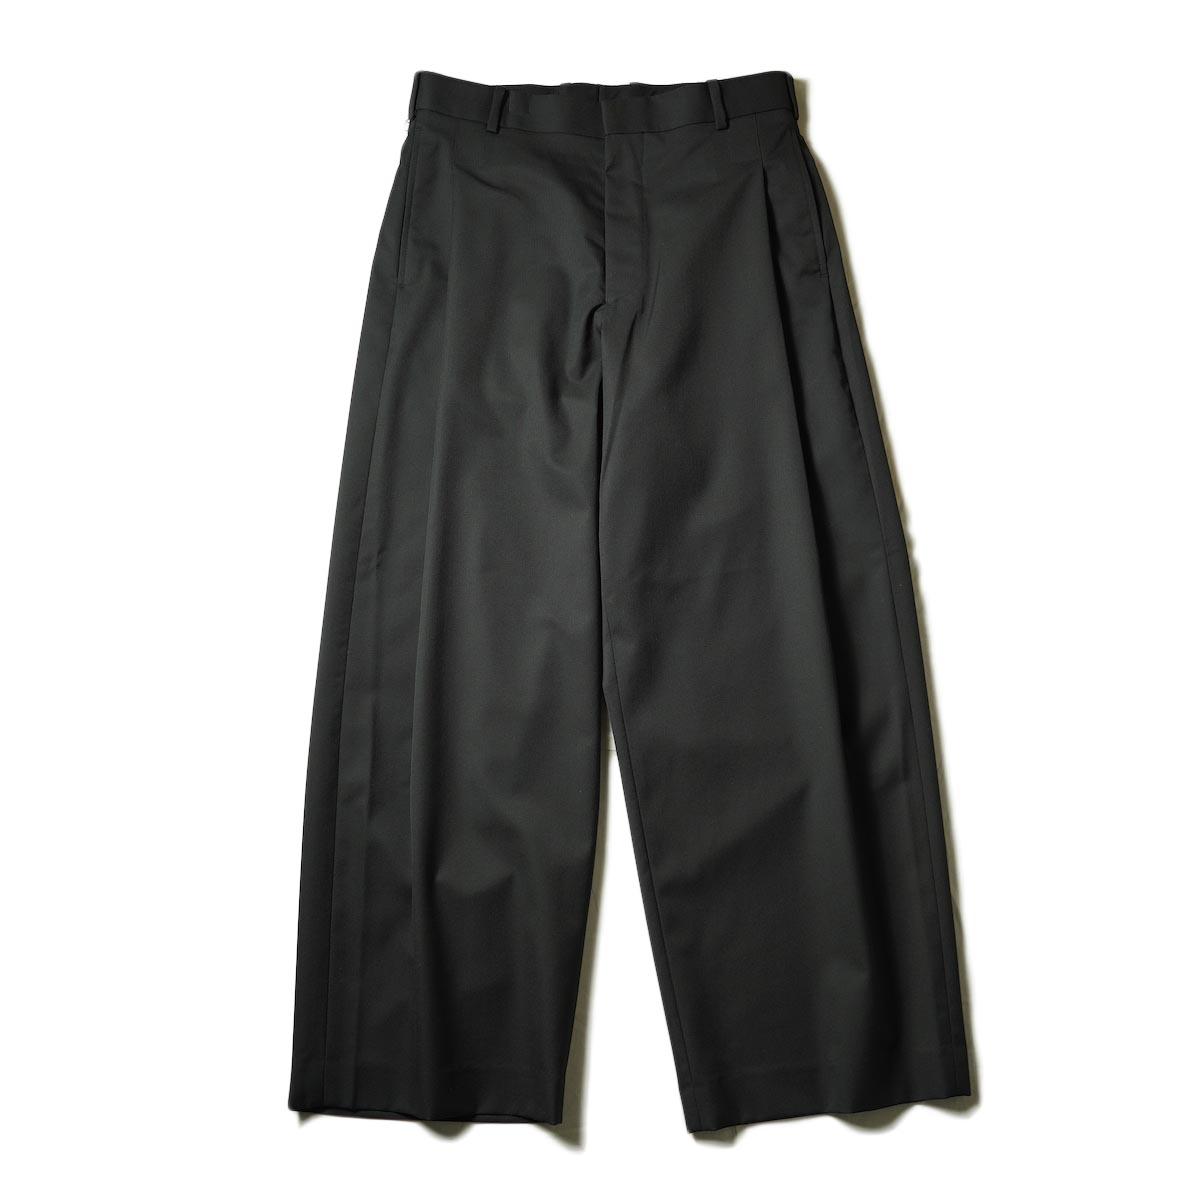 N.HOOLYWOOD / 2212-PT25-022 1TUCK SLACKS (Black)